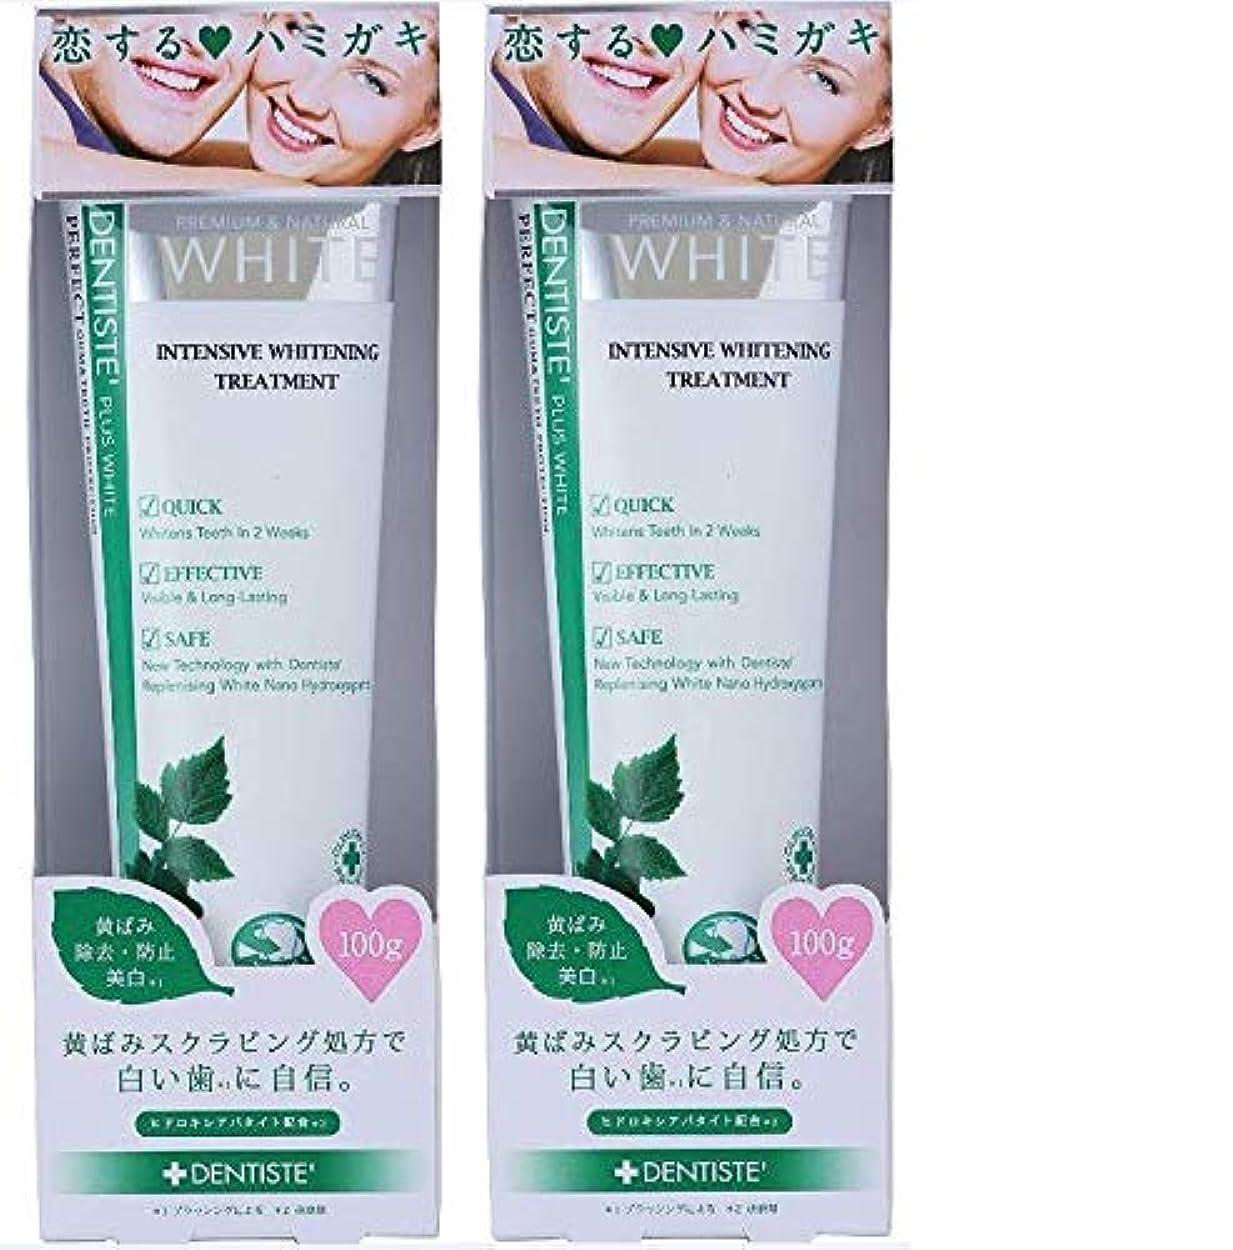 謝る香水ジョグデンティス ホワイトニング ハミガキ粉 100g ×2